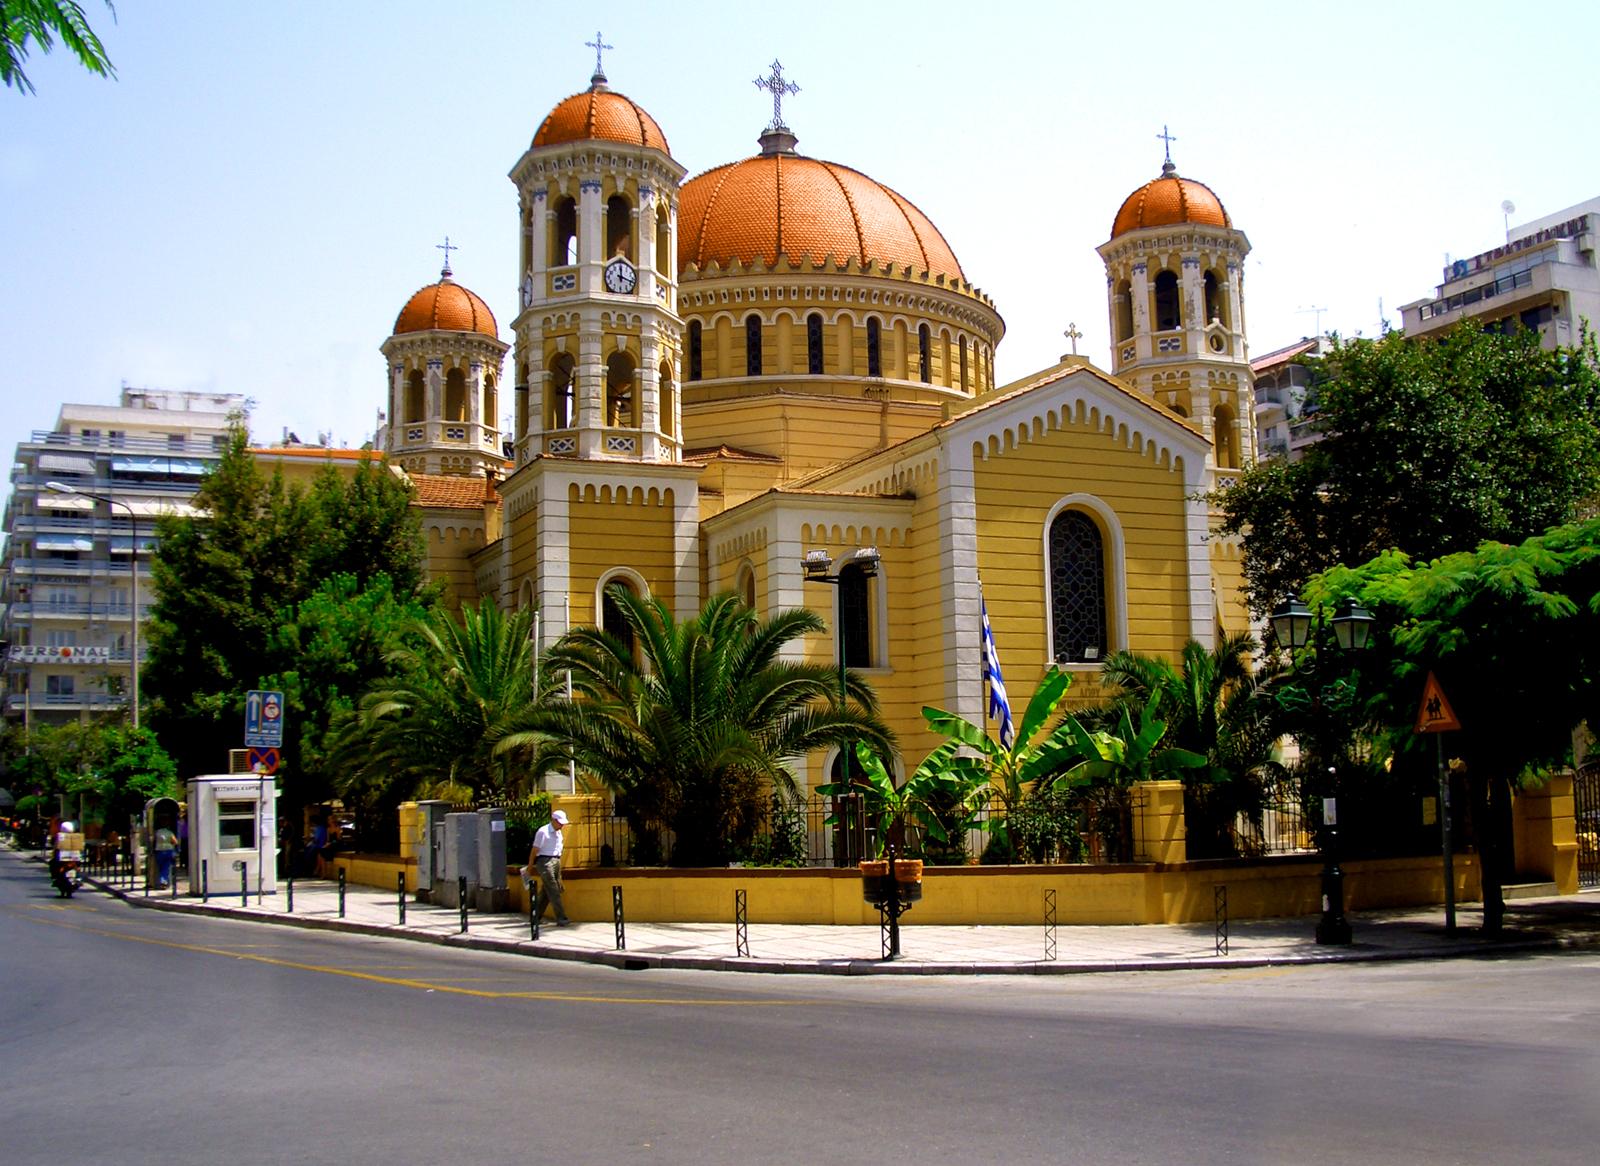 Biserica unde se află moaştele Sfântului Grigorie Palama